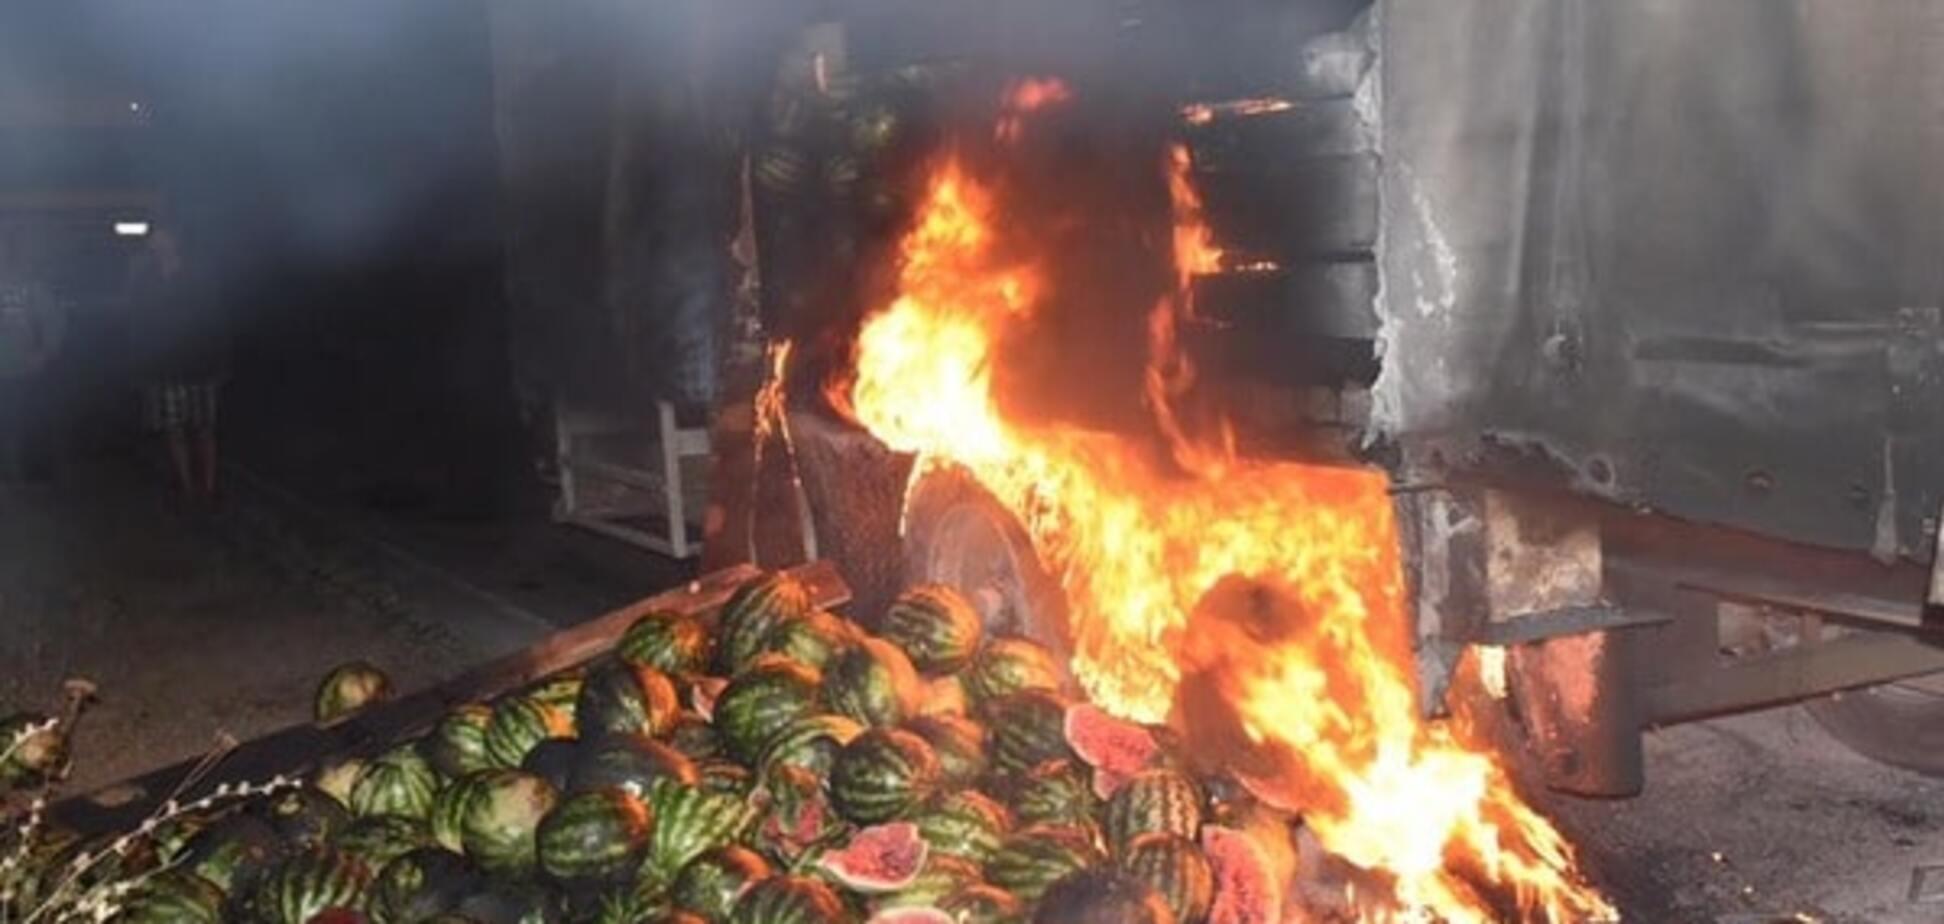 'Так и врага победим': под Херсоном горящую фуру тушили арбузами. Опубликованы фото